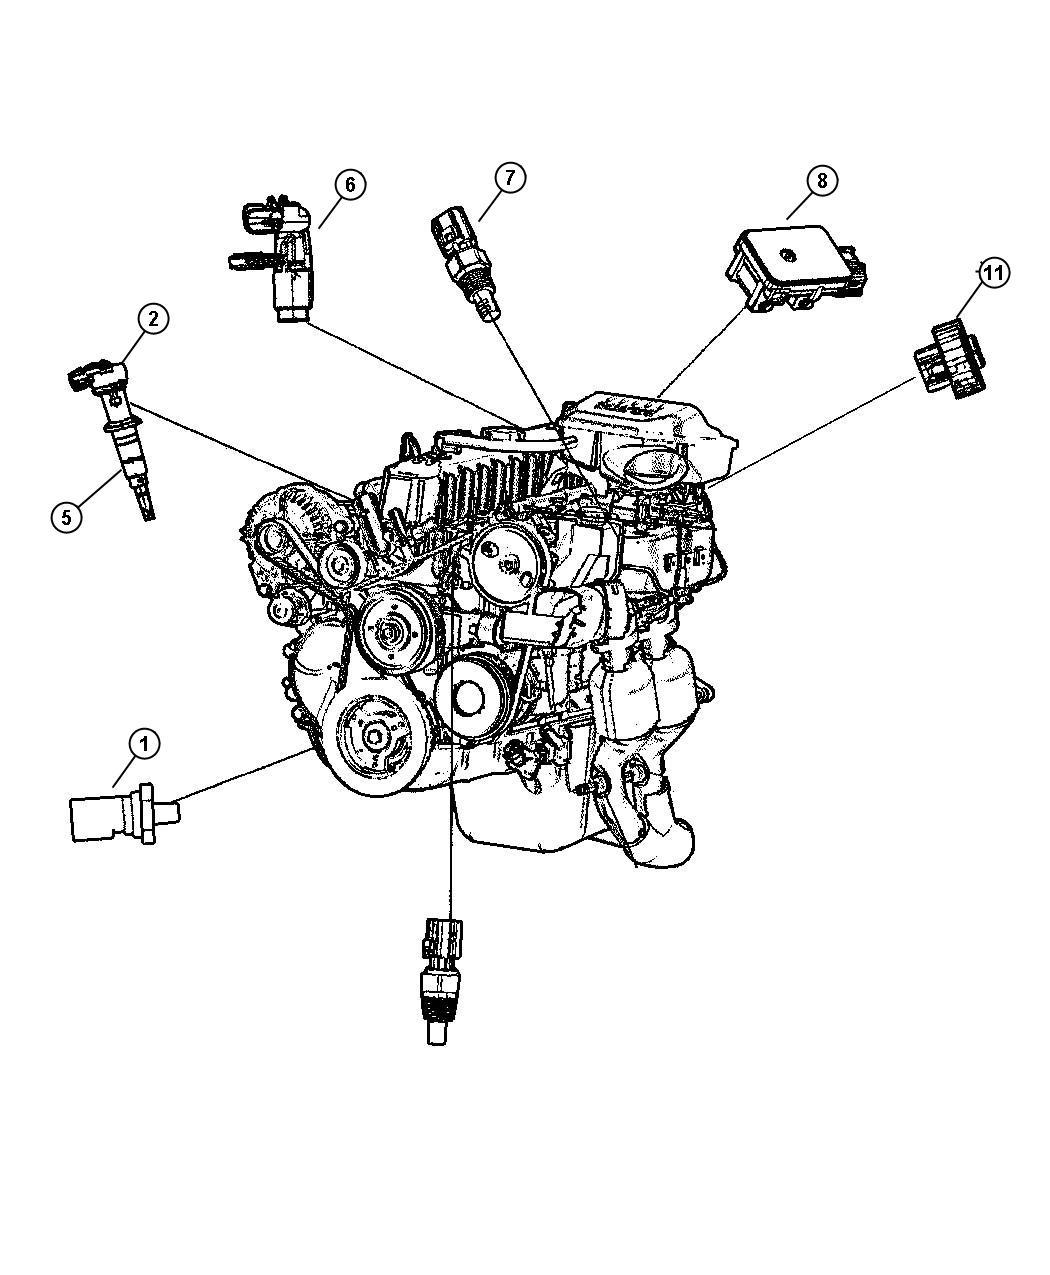 Jeep Grand Cherokee Shield Heat Oxgen Sensor Wiring